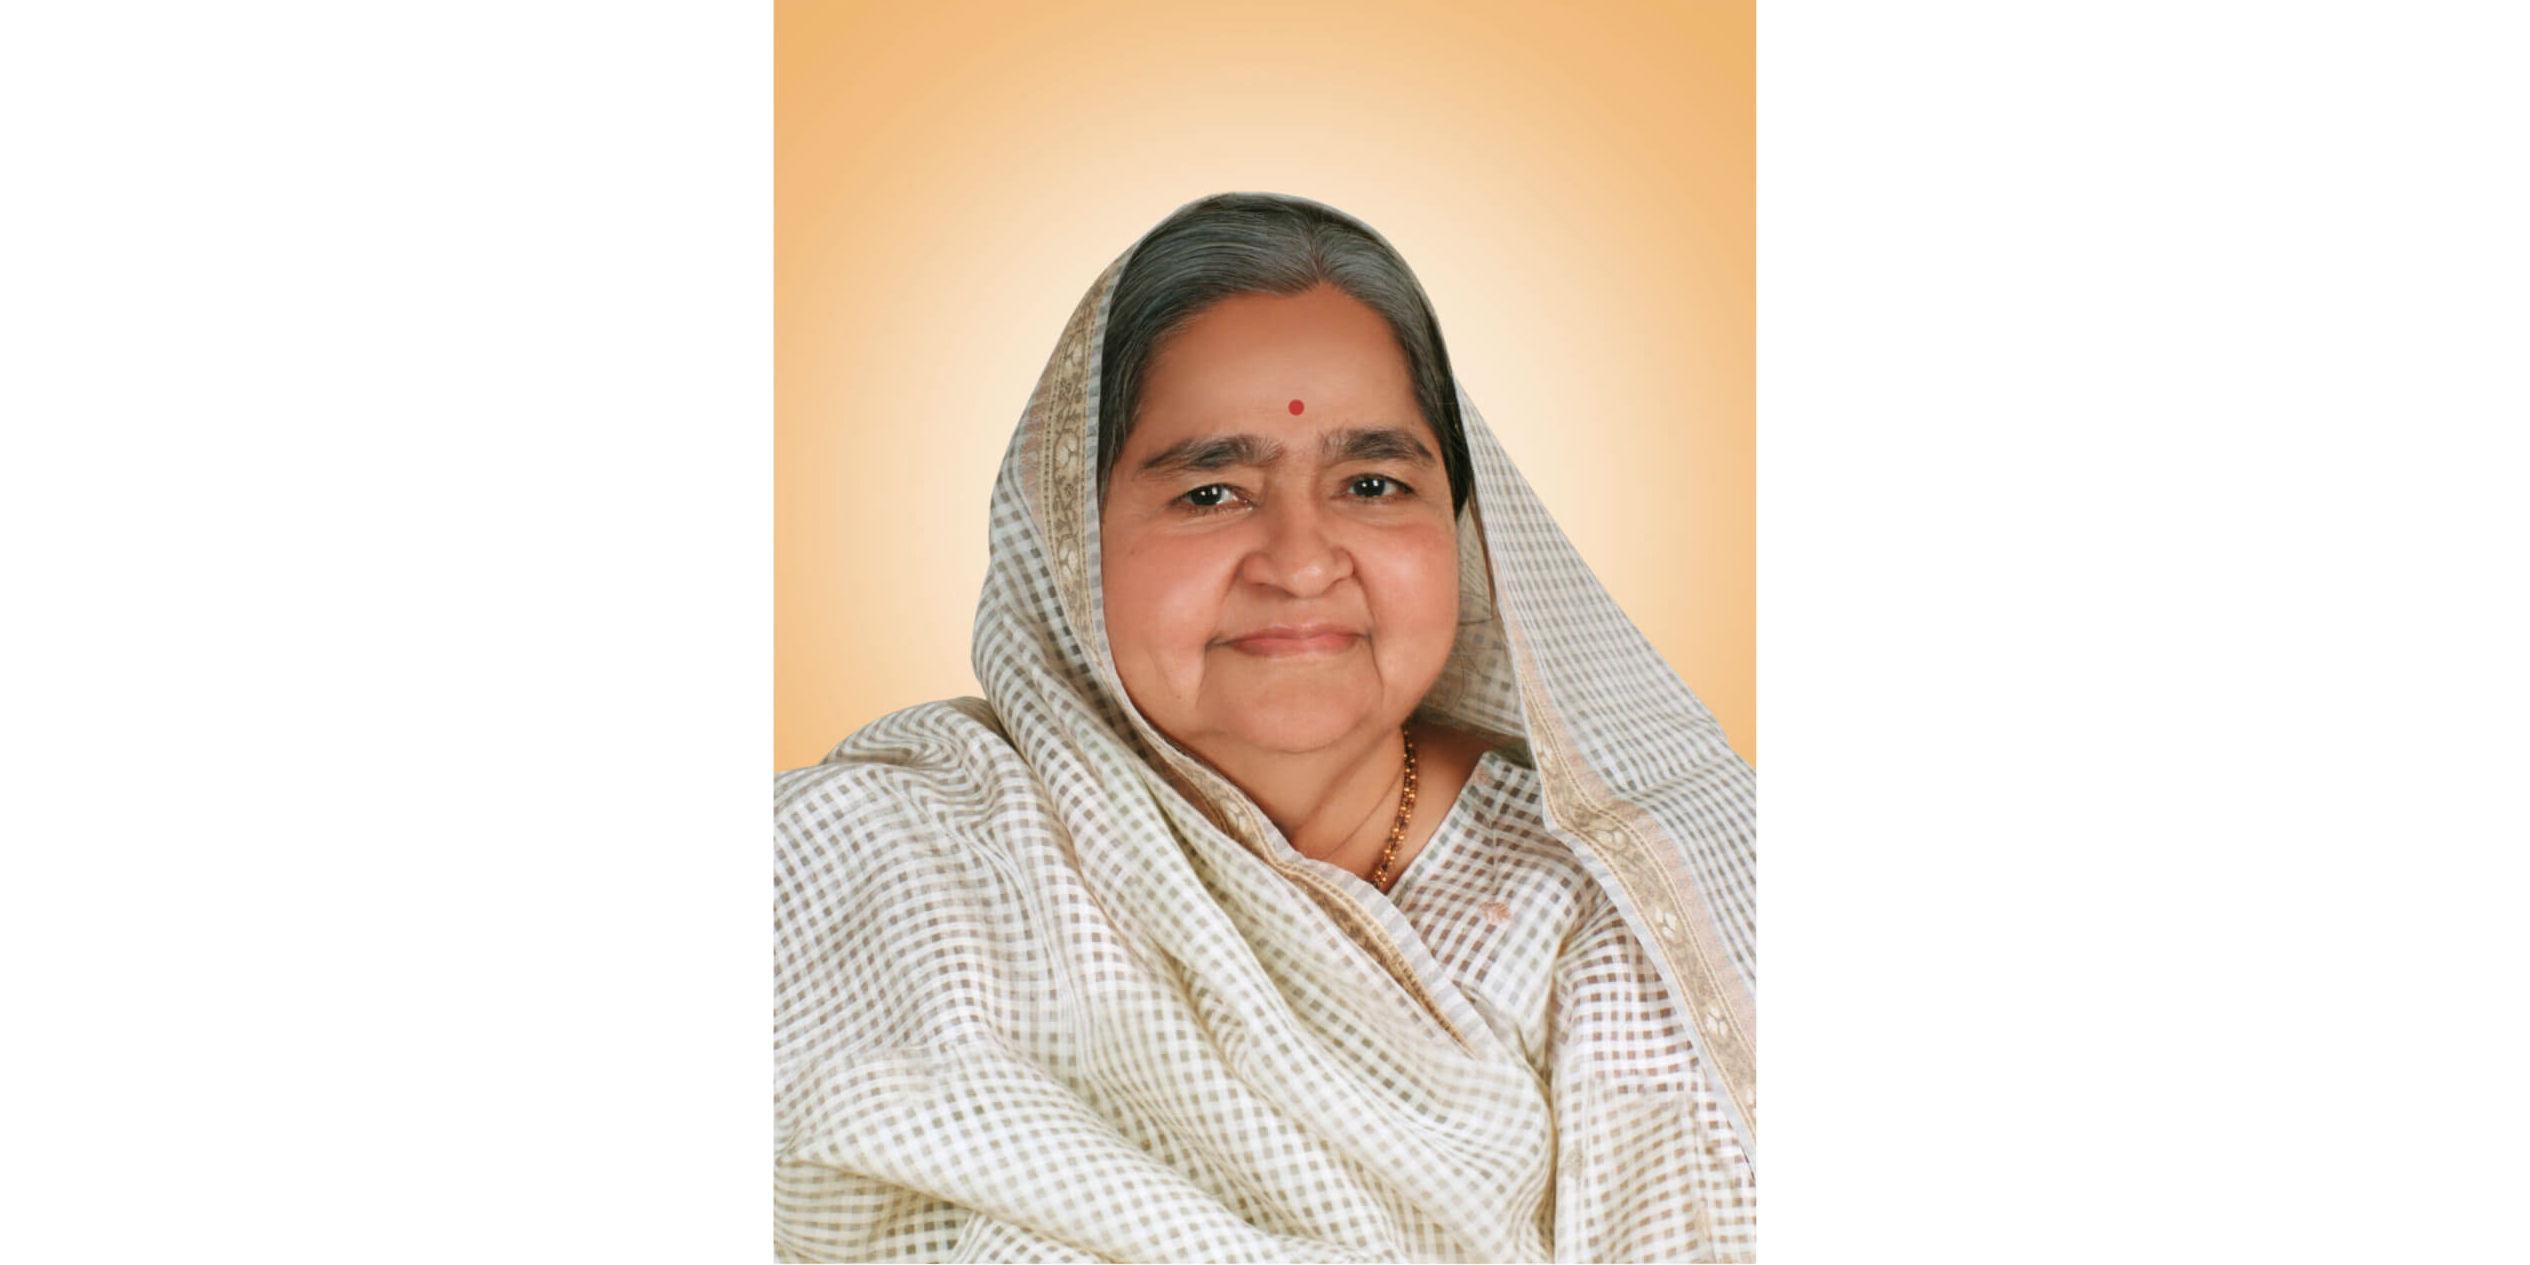 Watch Pujya Leelamasi Antardhan Tithi nimite Satsang Sabha